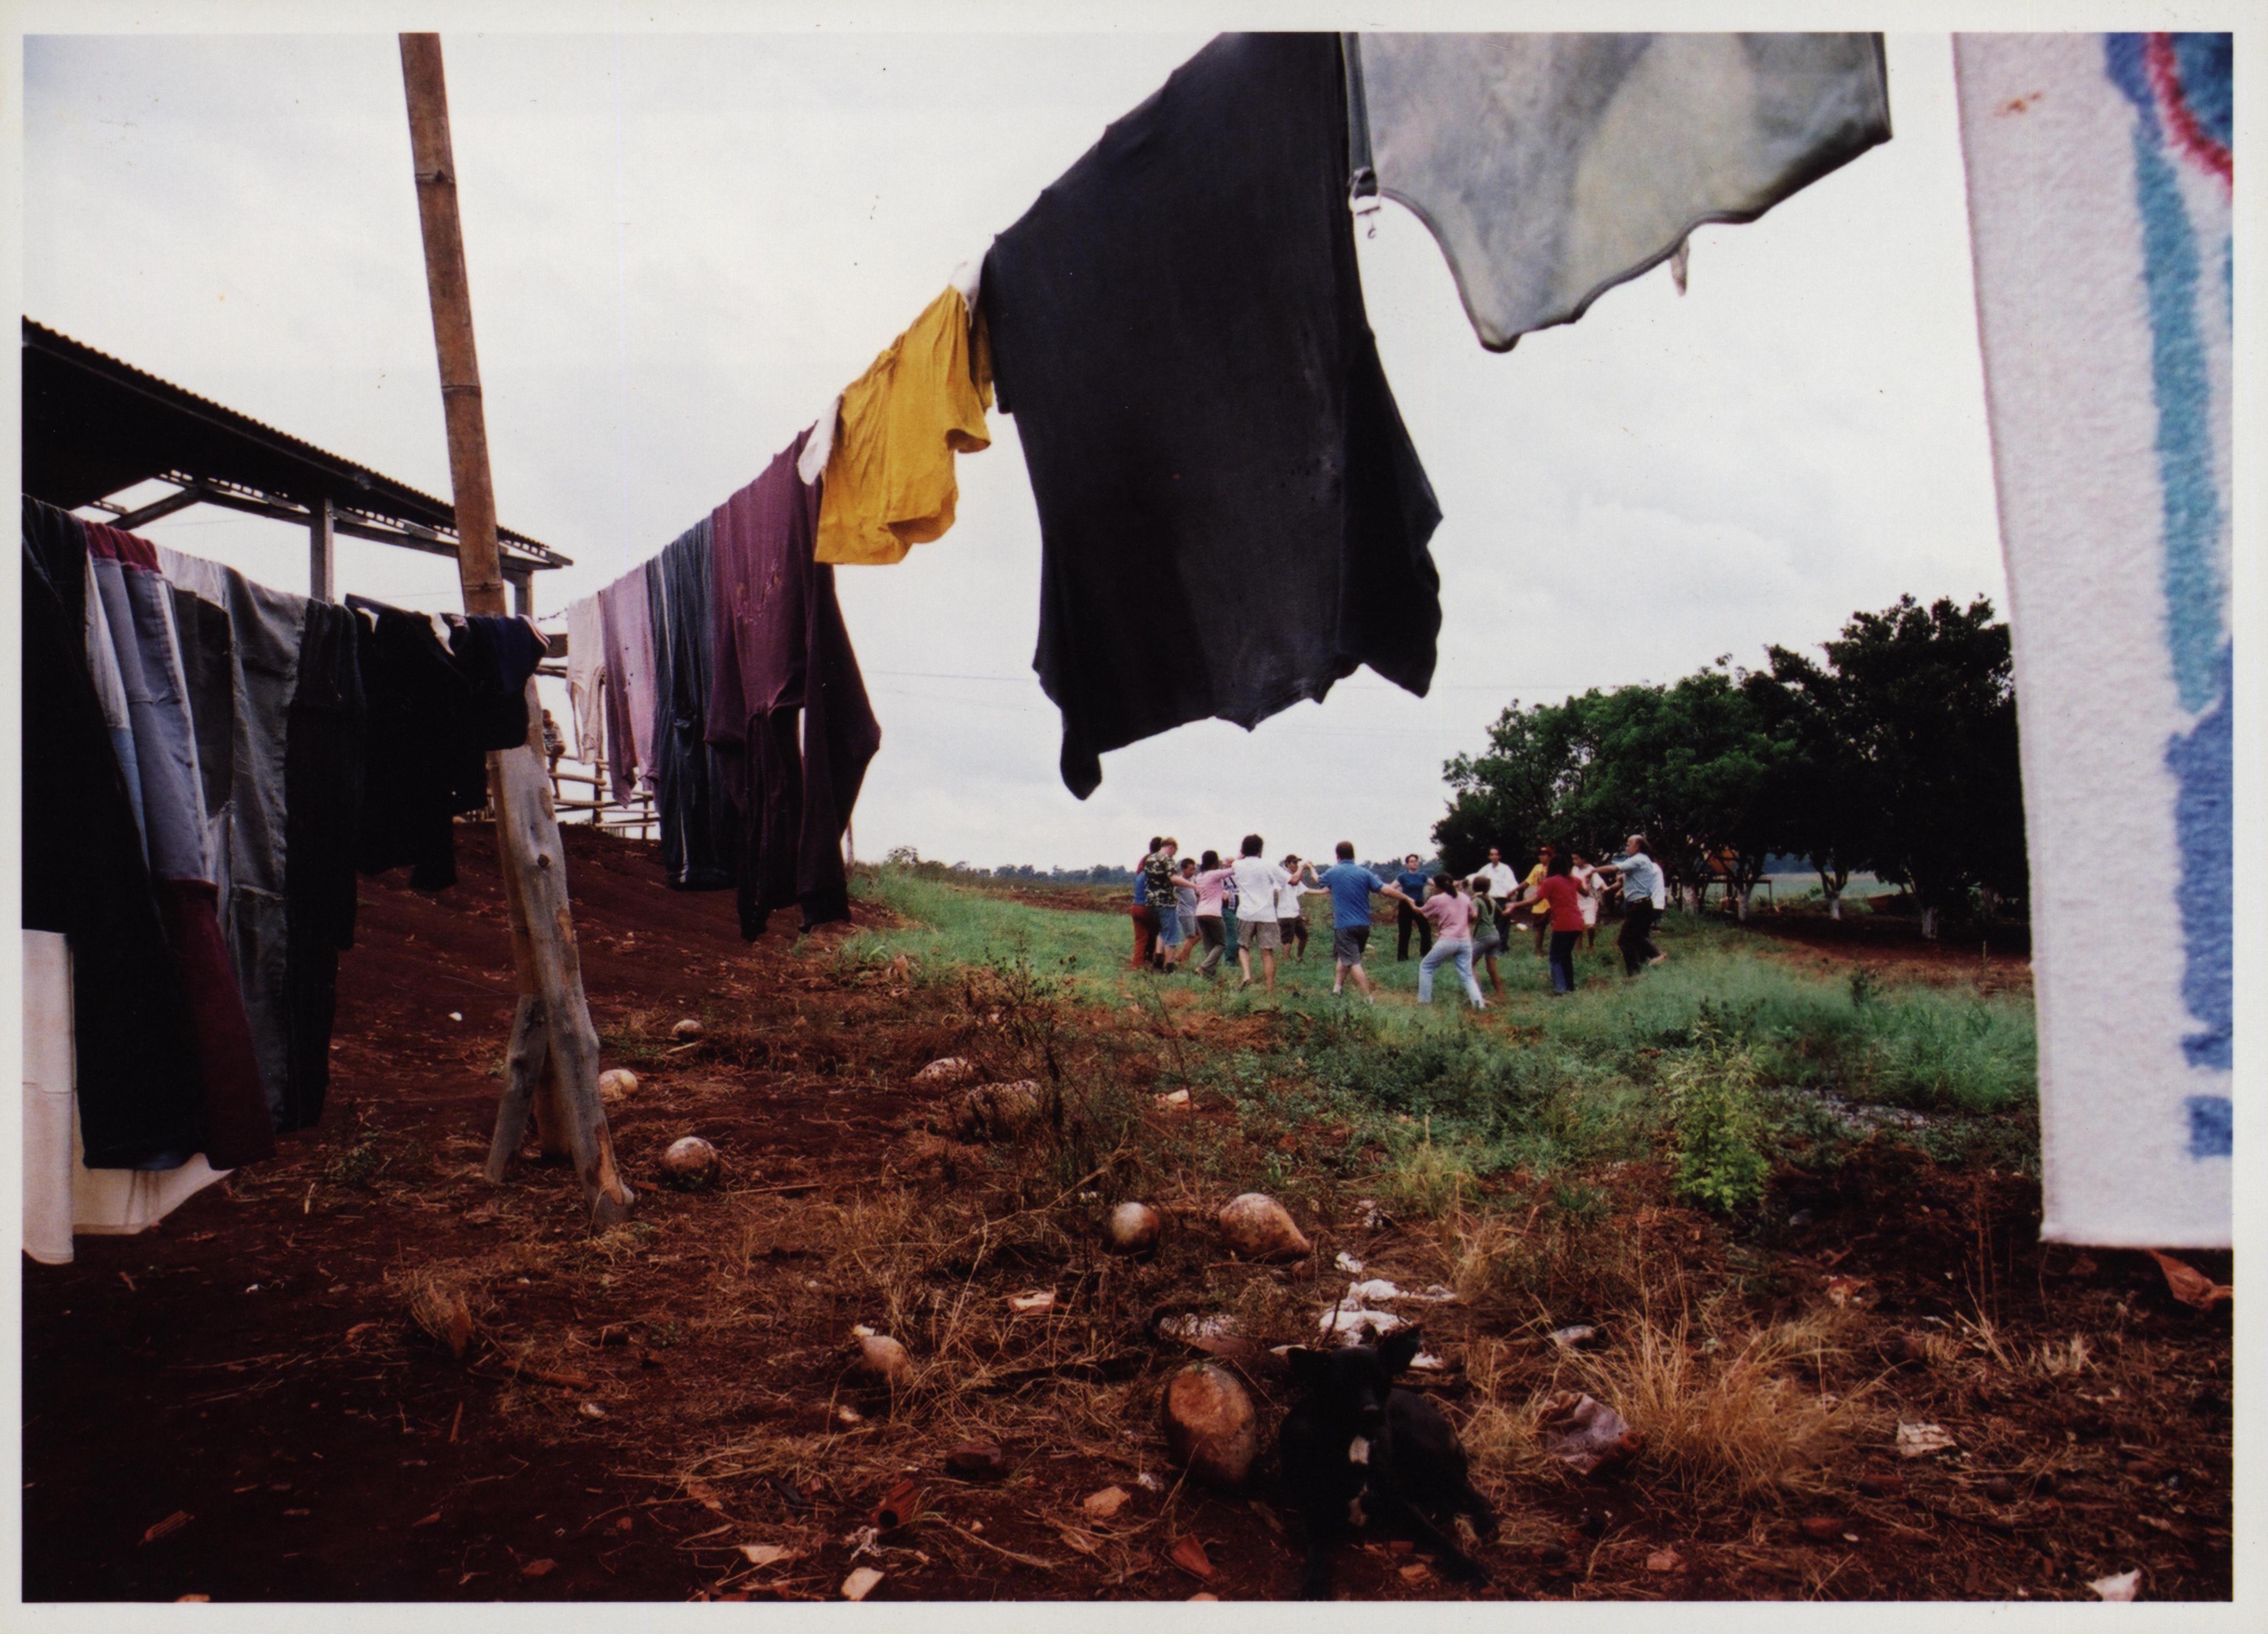 Acampamento do MST em Araponga - MG